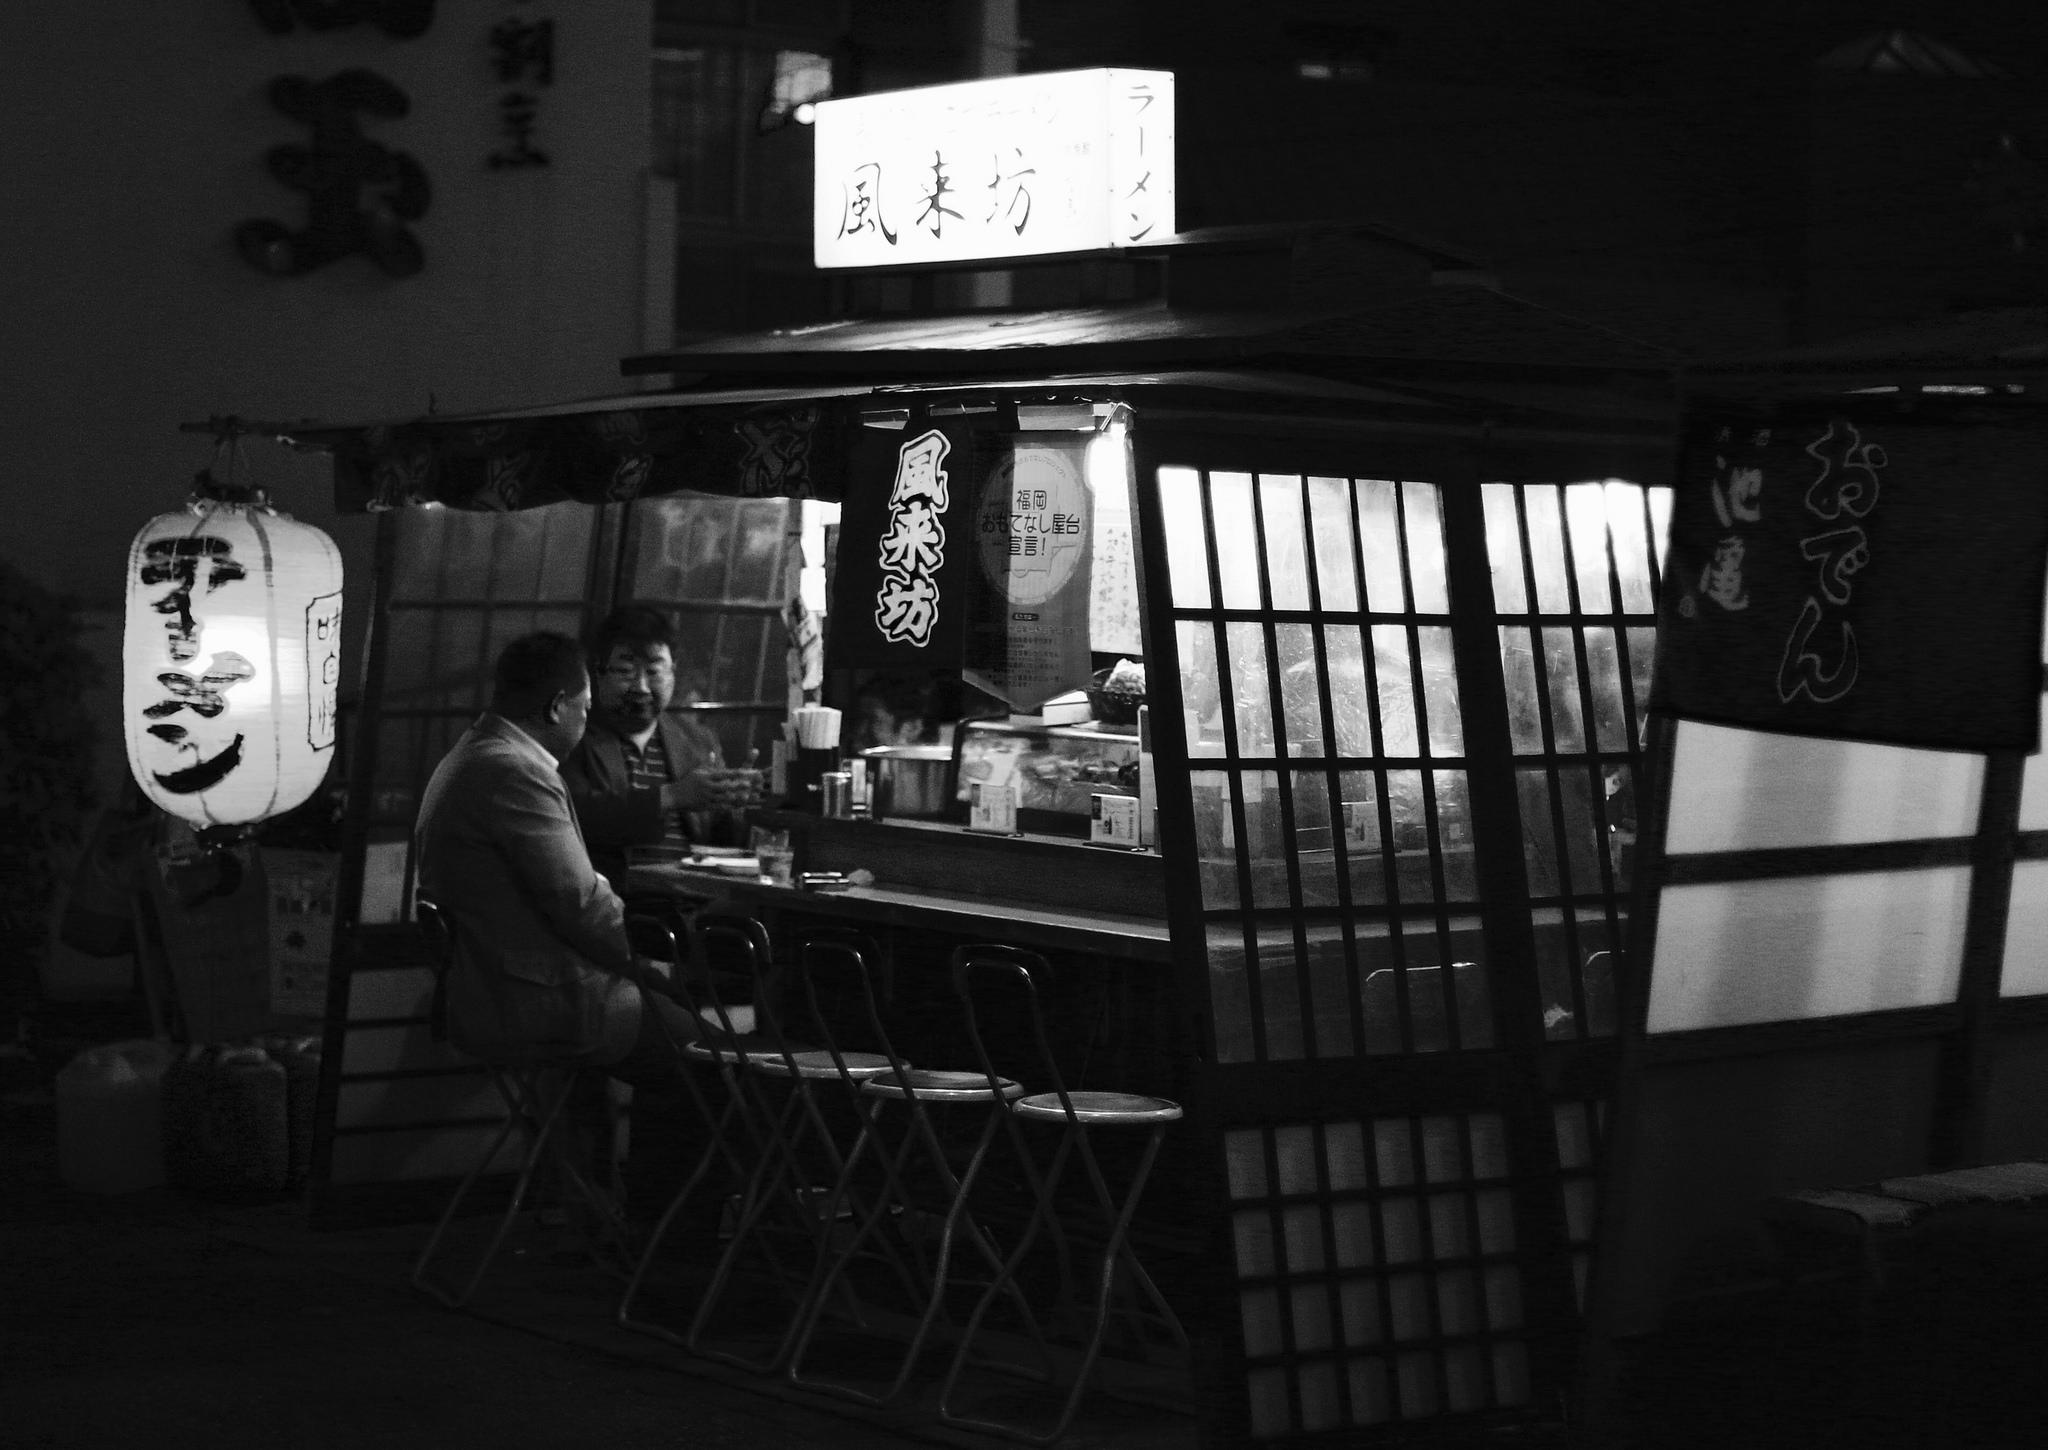 Restaurant japonais en noir et blanc